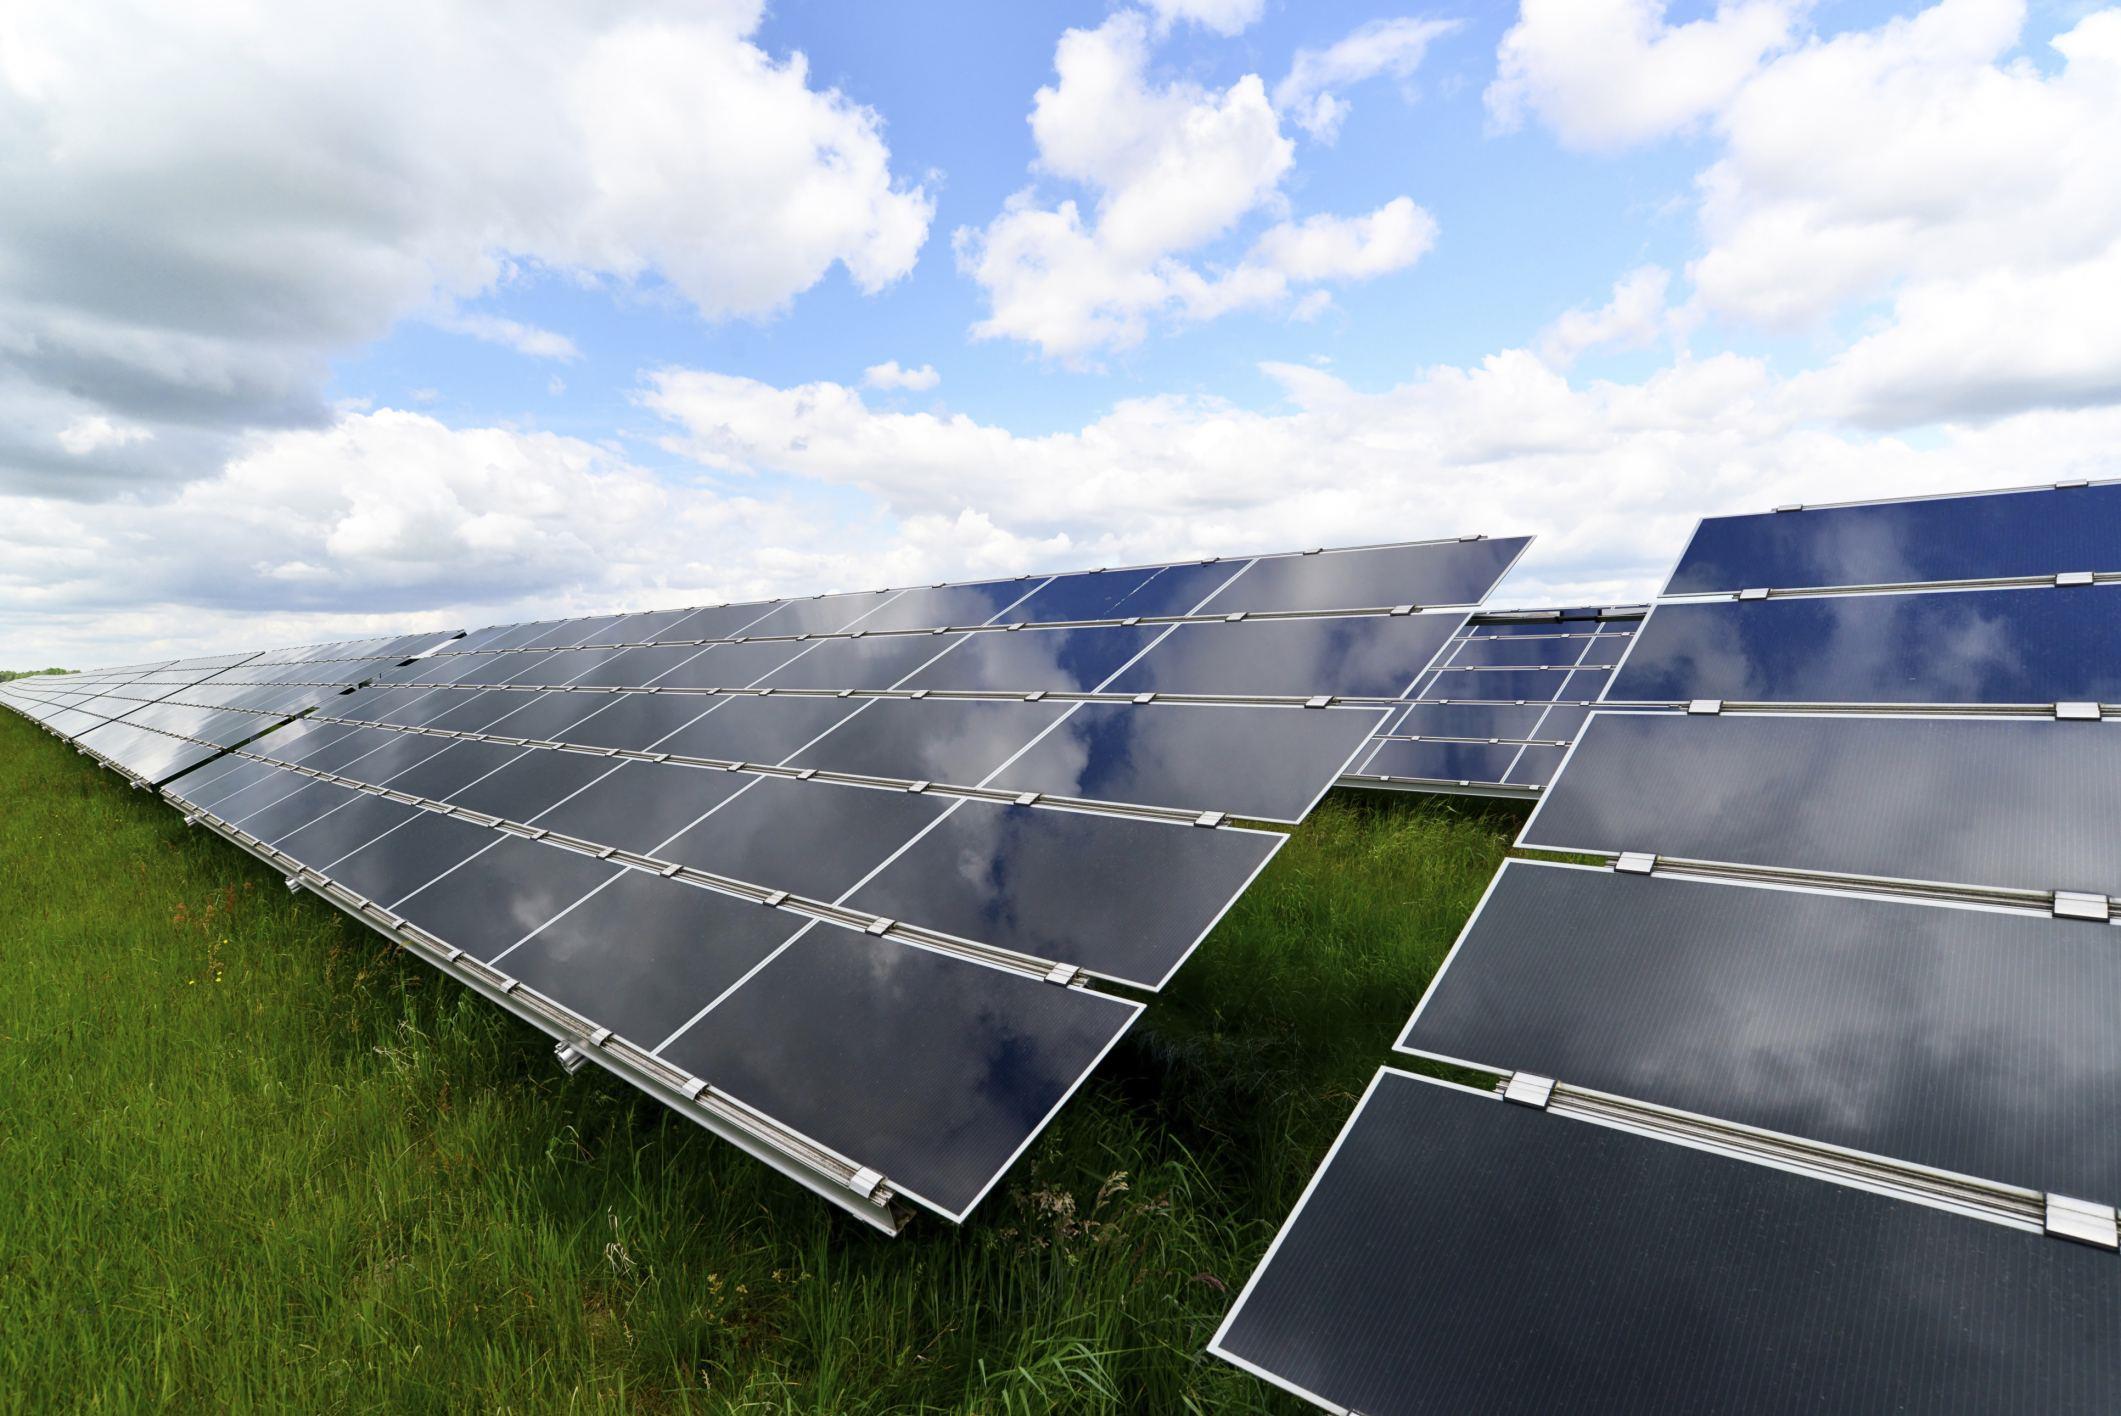 印尼首批4个光伏项目投产 组件全部中国产